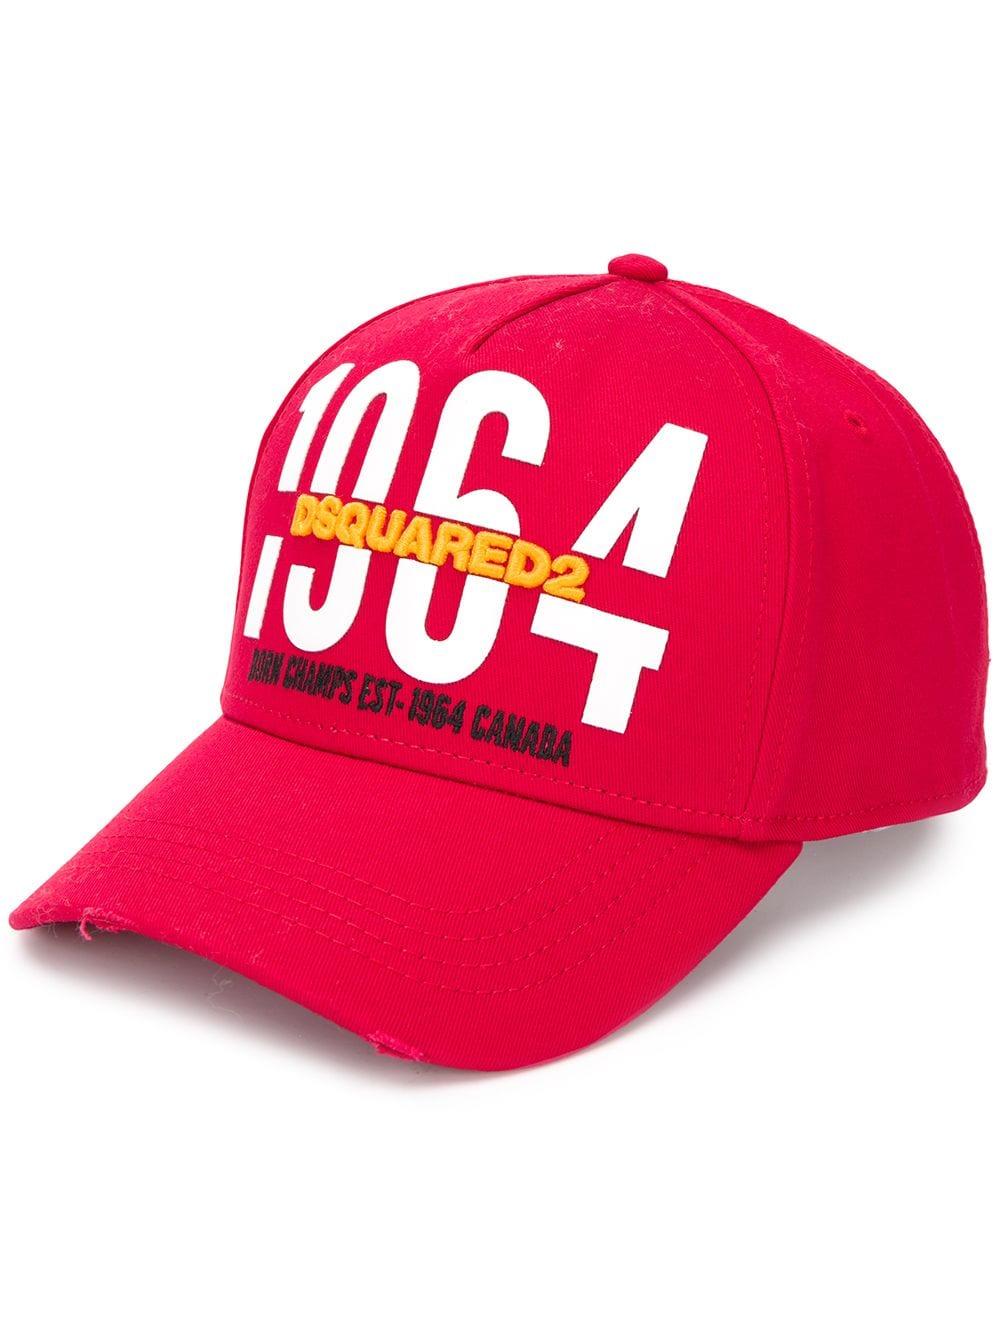 4334a8763b317 1964 Baseball Cap - DSQUARED2 - Russocapri